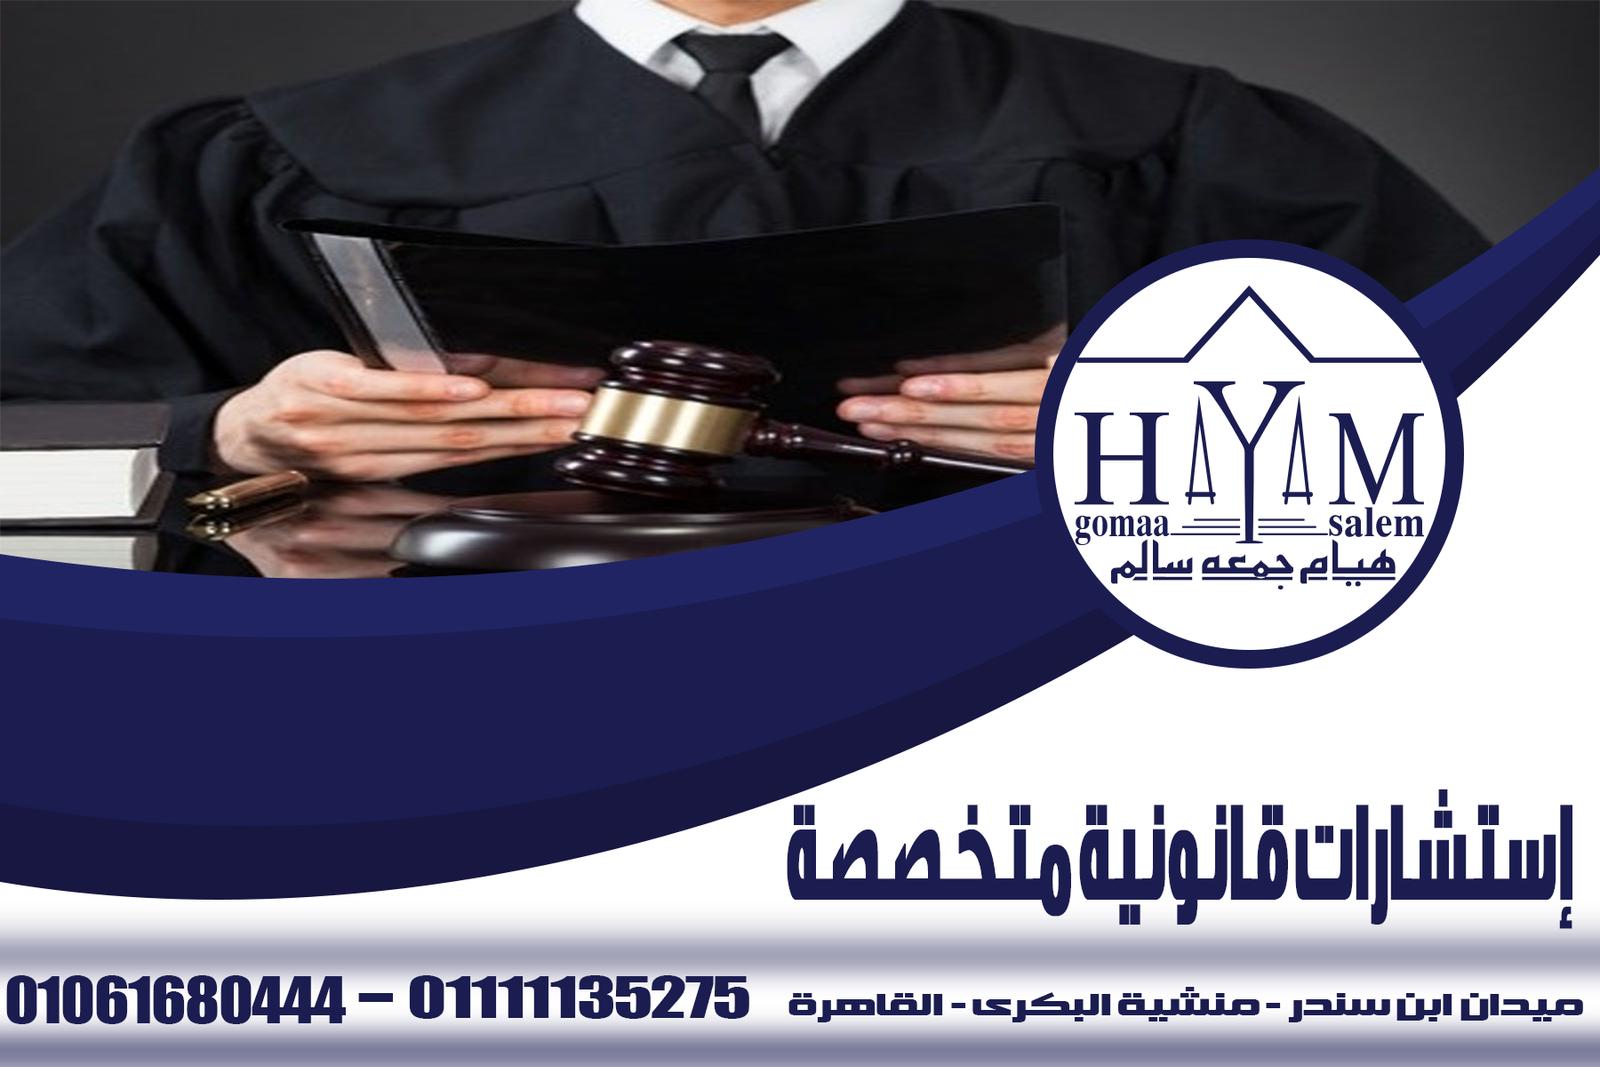 زواج الاجانب في مصر المحامية هيام جمعه سالم 01061680444 – فروع القانون